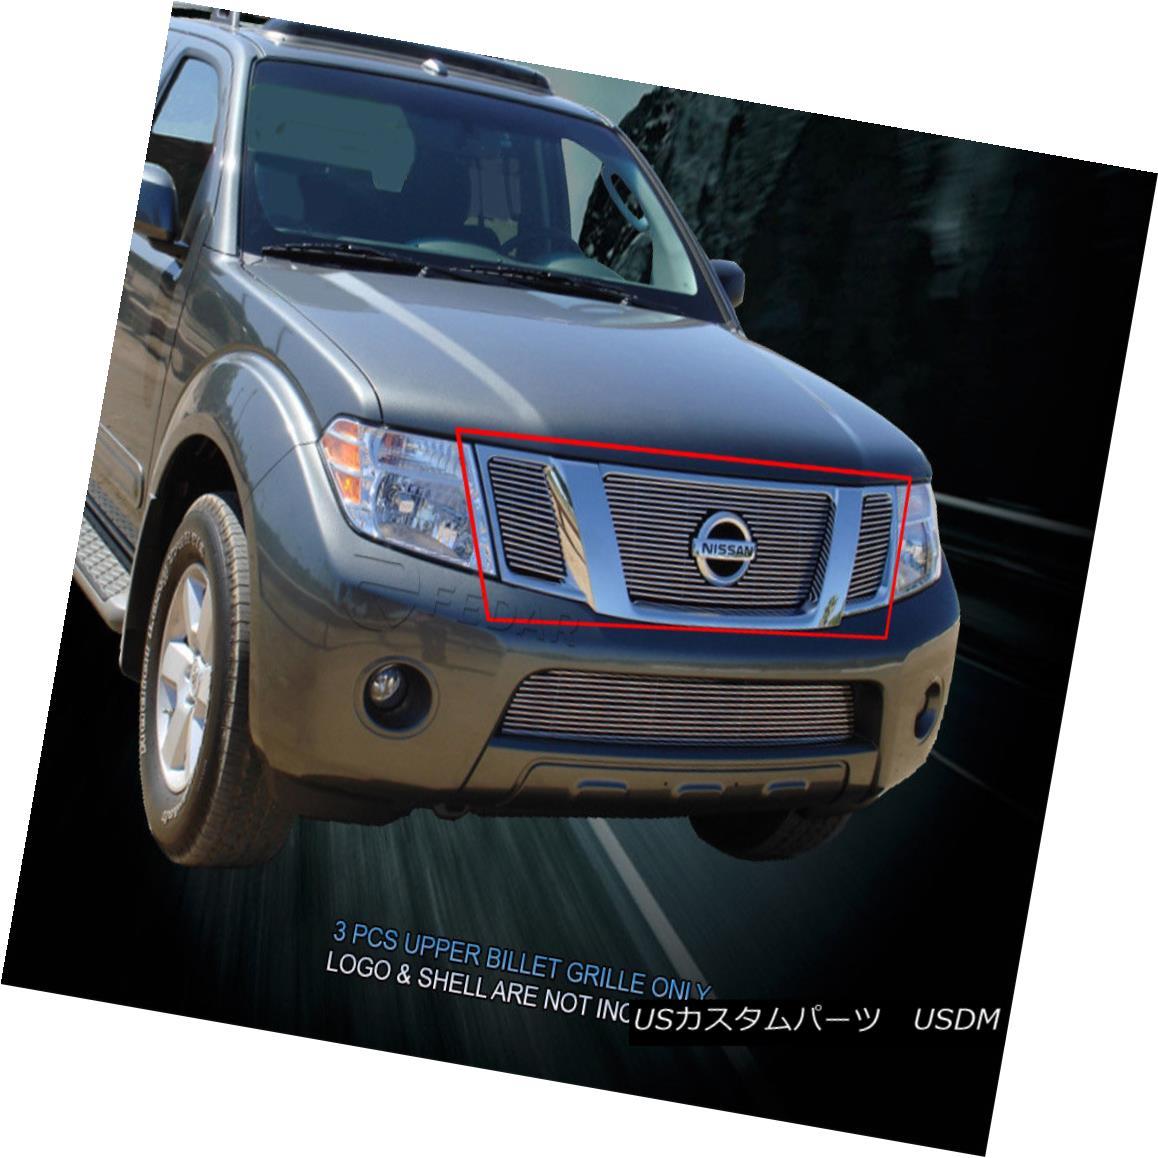 グリル Fits 08-12 Nissan Pathfinder Billet Grille Grill Upper Insert Fedar フィット08-12日産パスファインダービレットグリルグリルアッパーインサートフェルダー